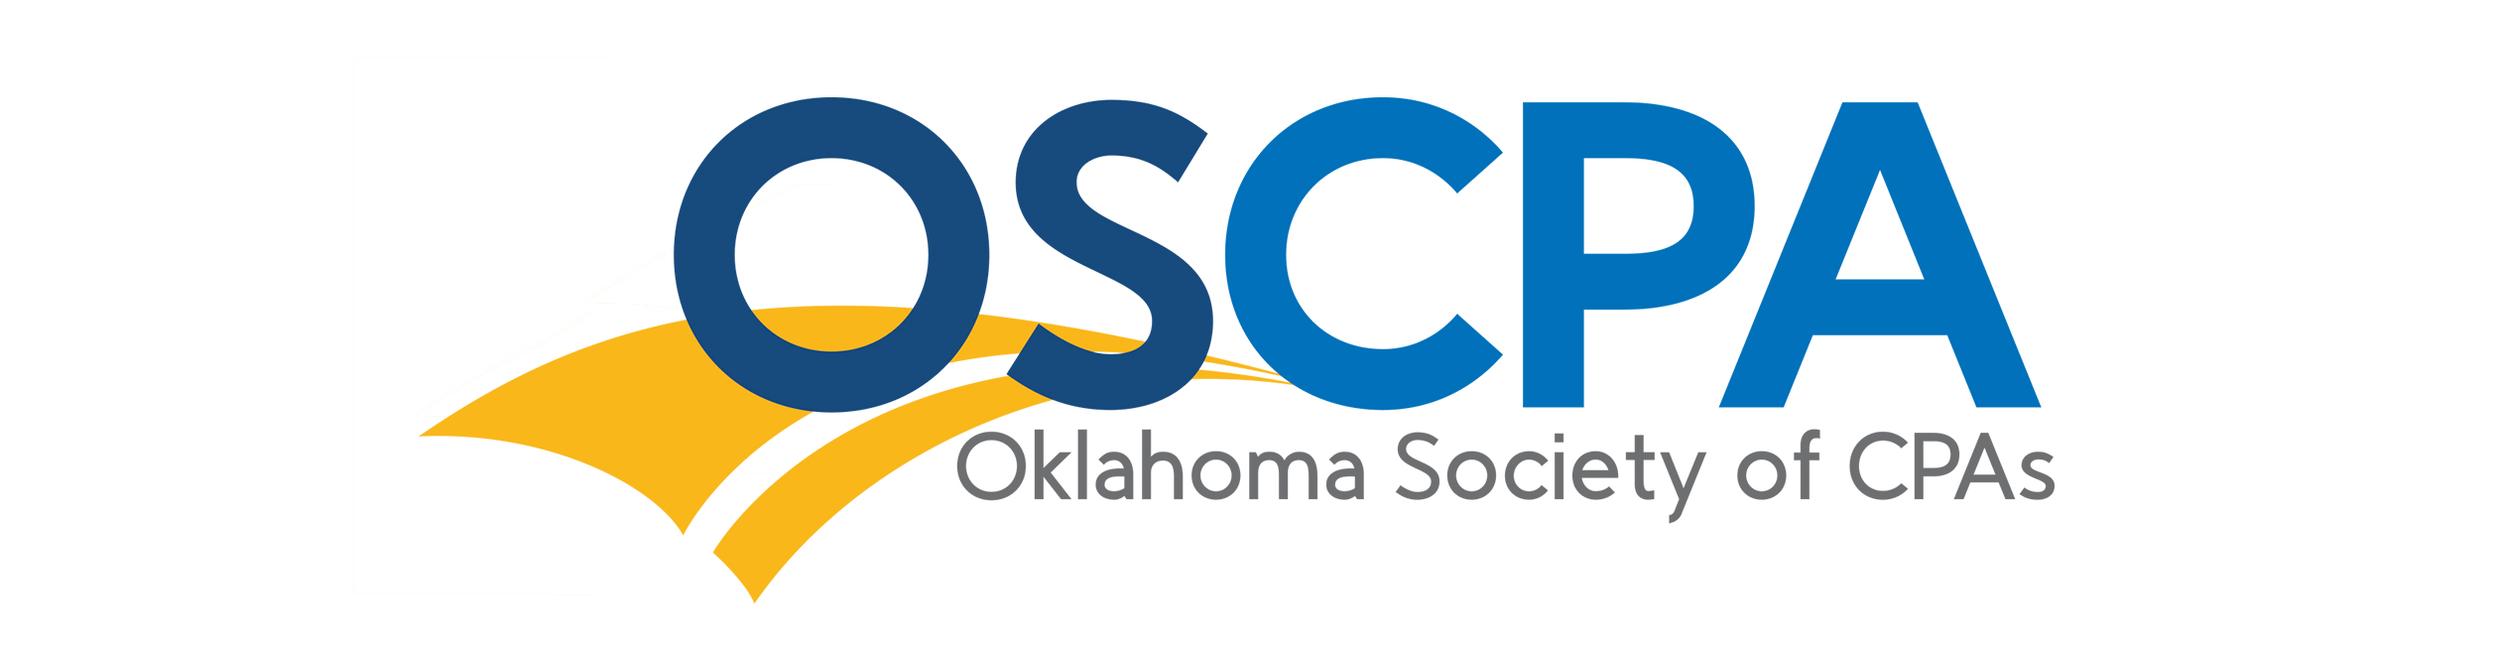 OSCPA-logo-2016Facebook.png